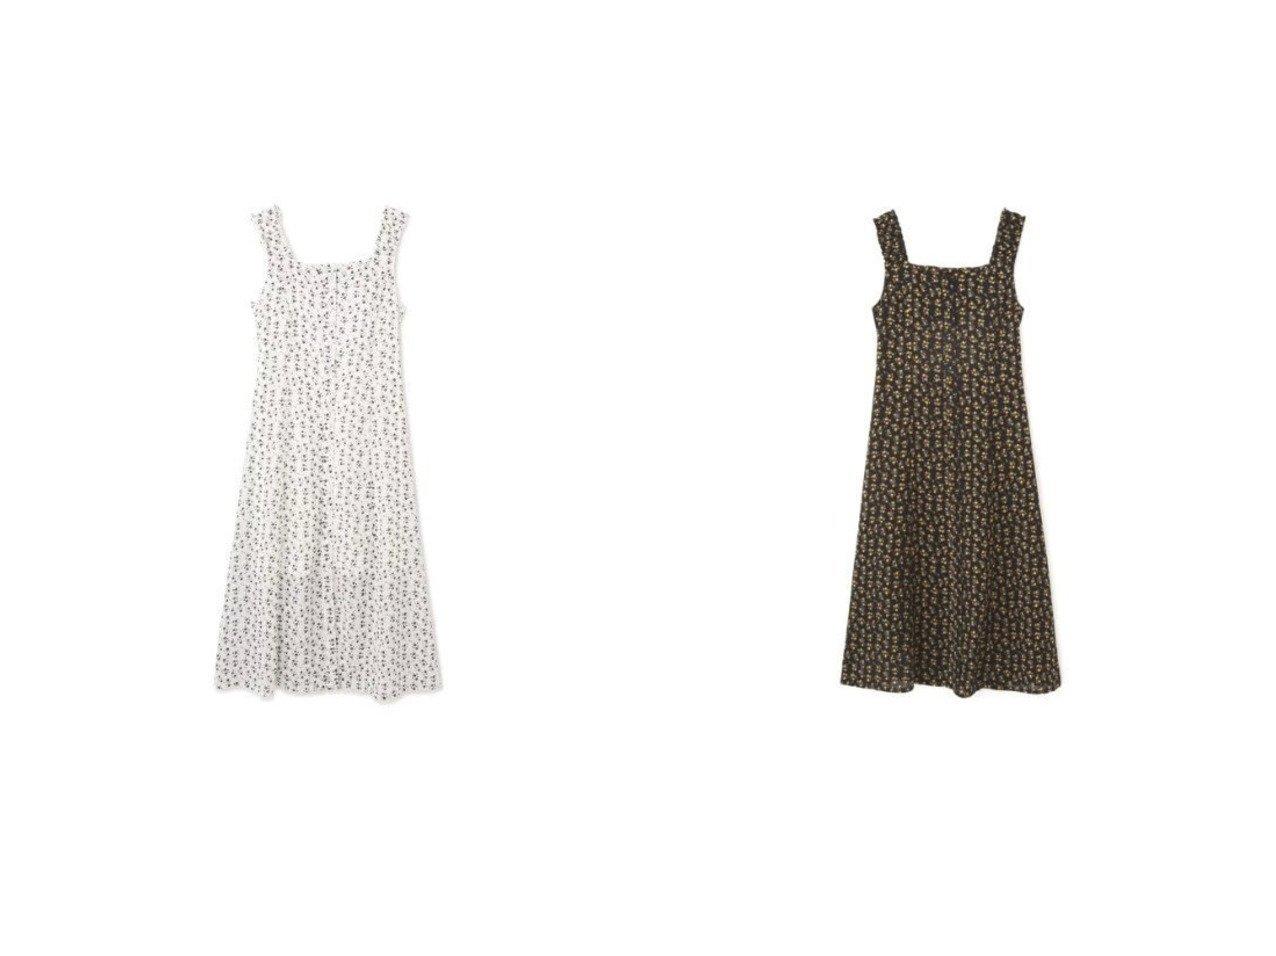 【FREE'S MART/フリーズマート】のバッグレースアップ花柄ジャンパースカート 【スカート】おすすめ!人気、トレンド・レディースファッションの通販   おすすめで人気の流行・トレンド、ファッションの通販商品 メンズファッション・キッズファッション・インテリア・家具・レディースファッション・服の通販 founy(ファニー) https://founy.com/ ファッション Fashion レディースファッション WOMEN スカート Skirt おすすめ Recommend カットソー ギャザー シアー スタンダード トレンド ベーシック レース ワンポイント 今季 |ID:crp329100000026870